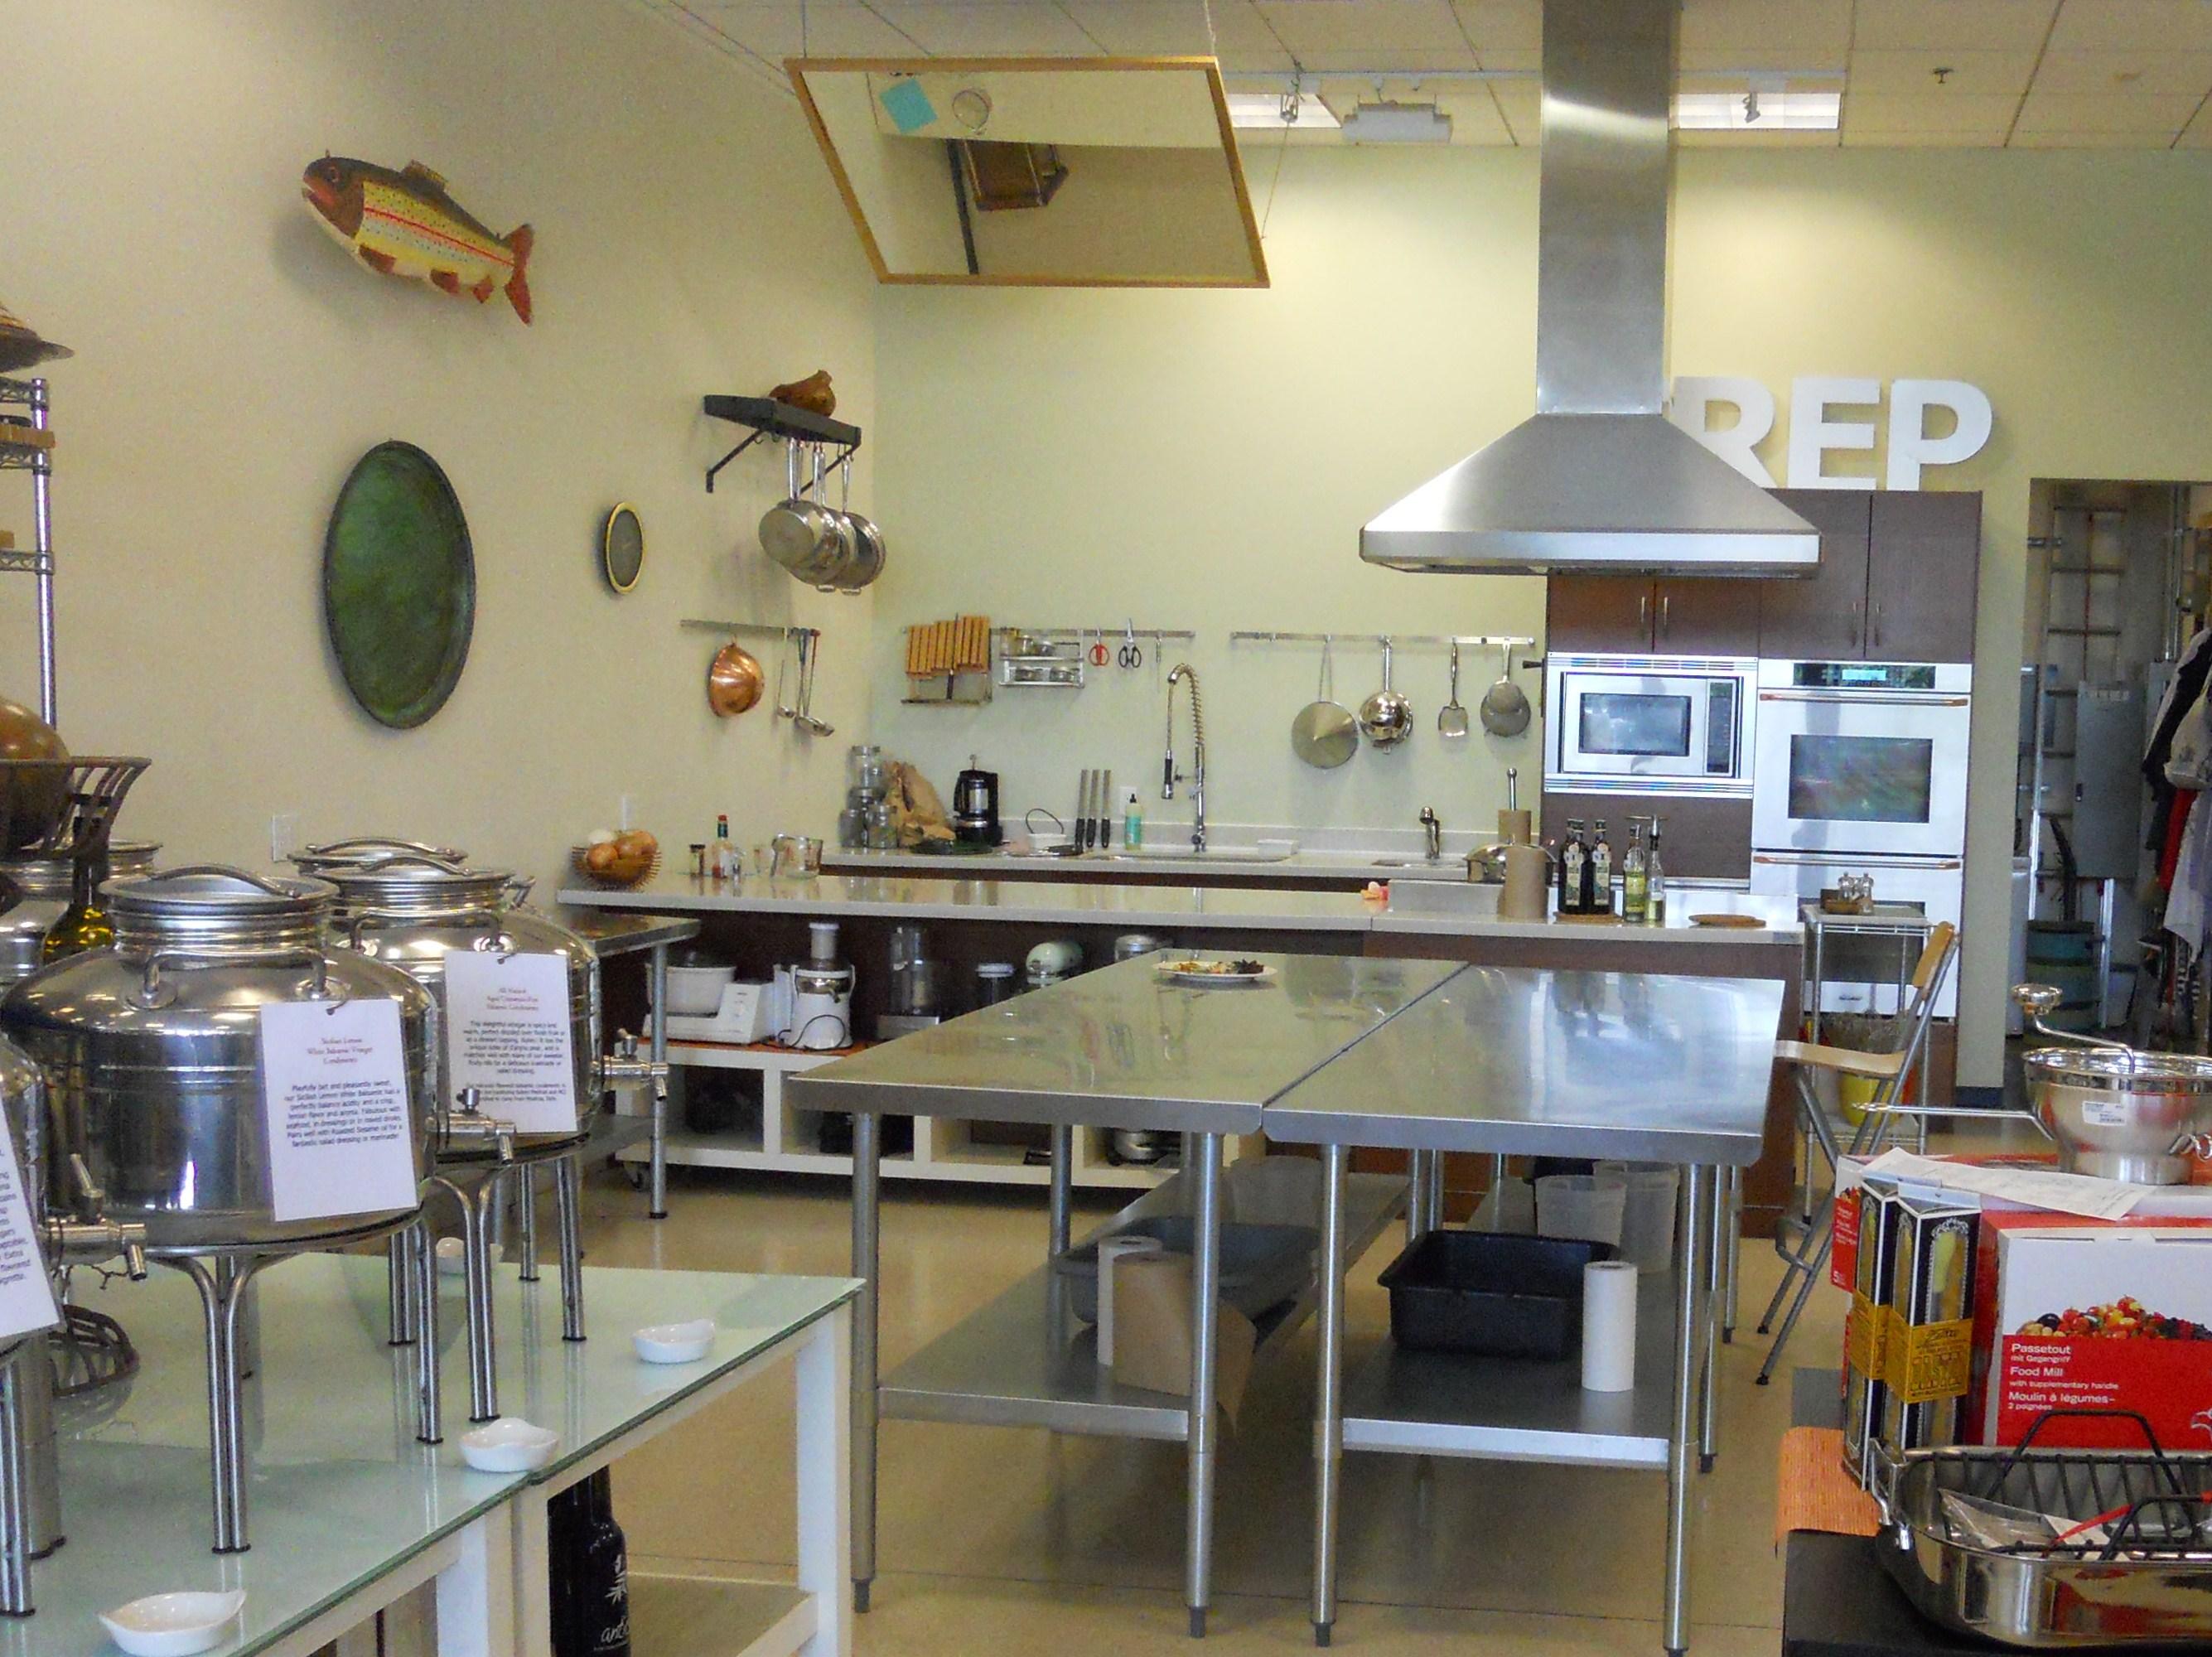 Nibbles of Tidbits a Food BlogPREP Kitchen Essentials